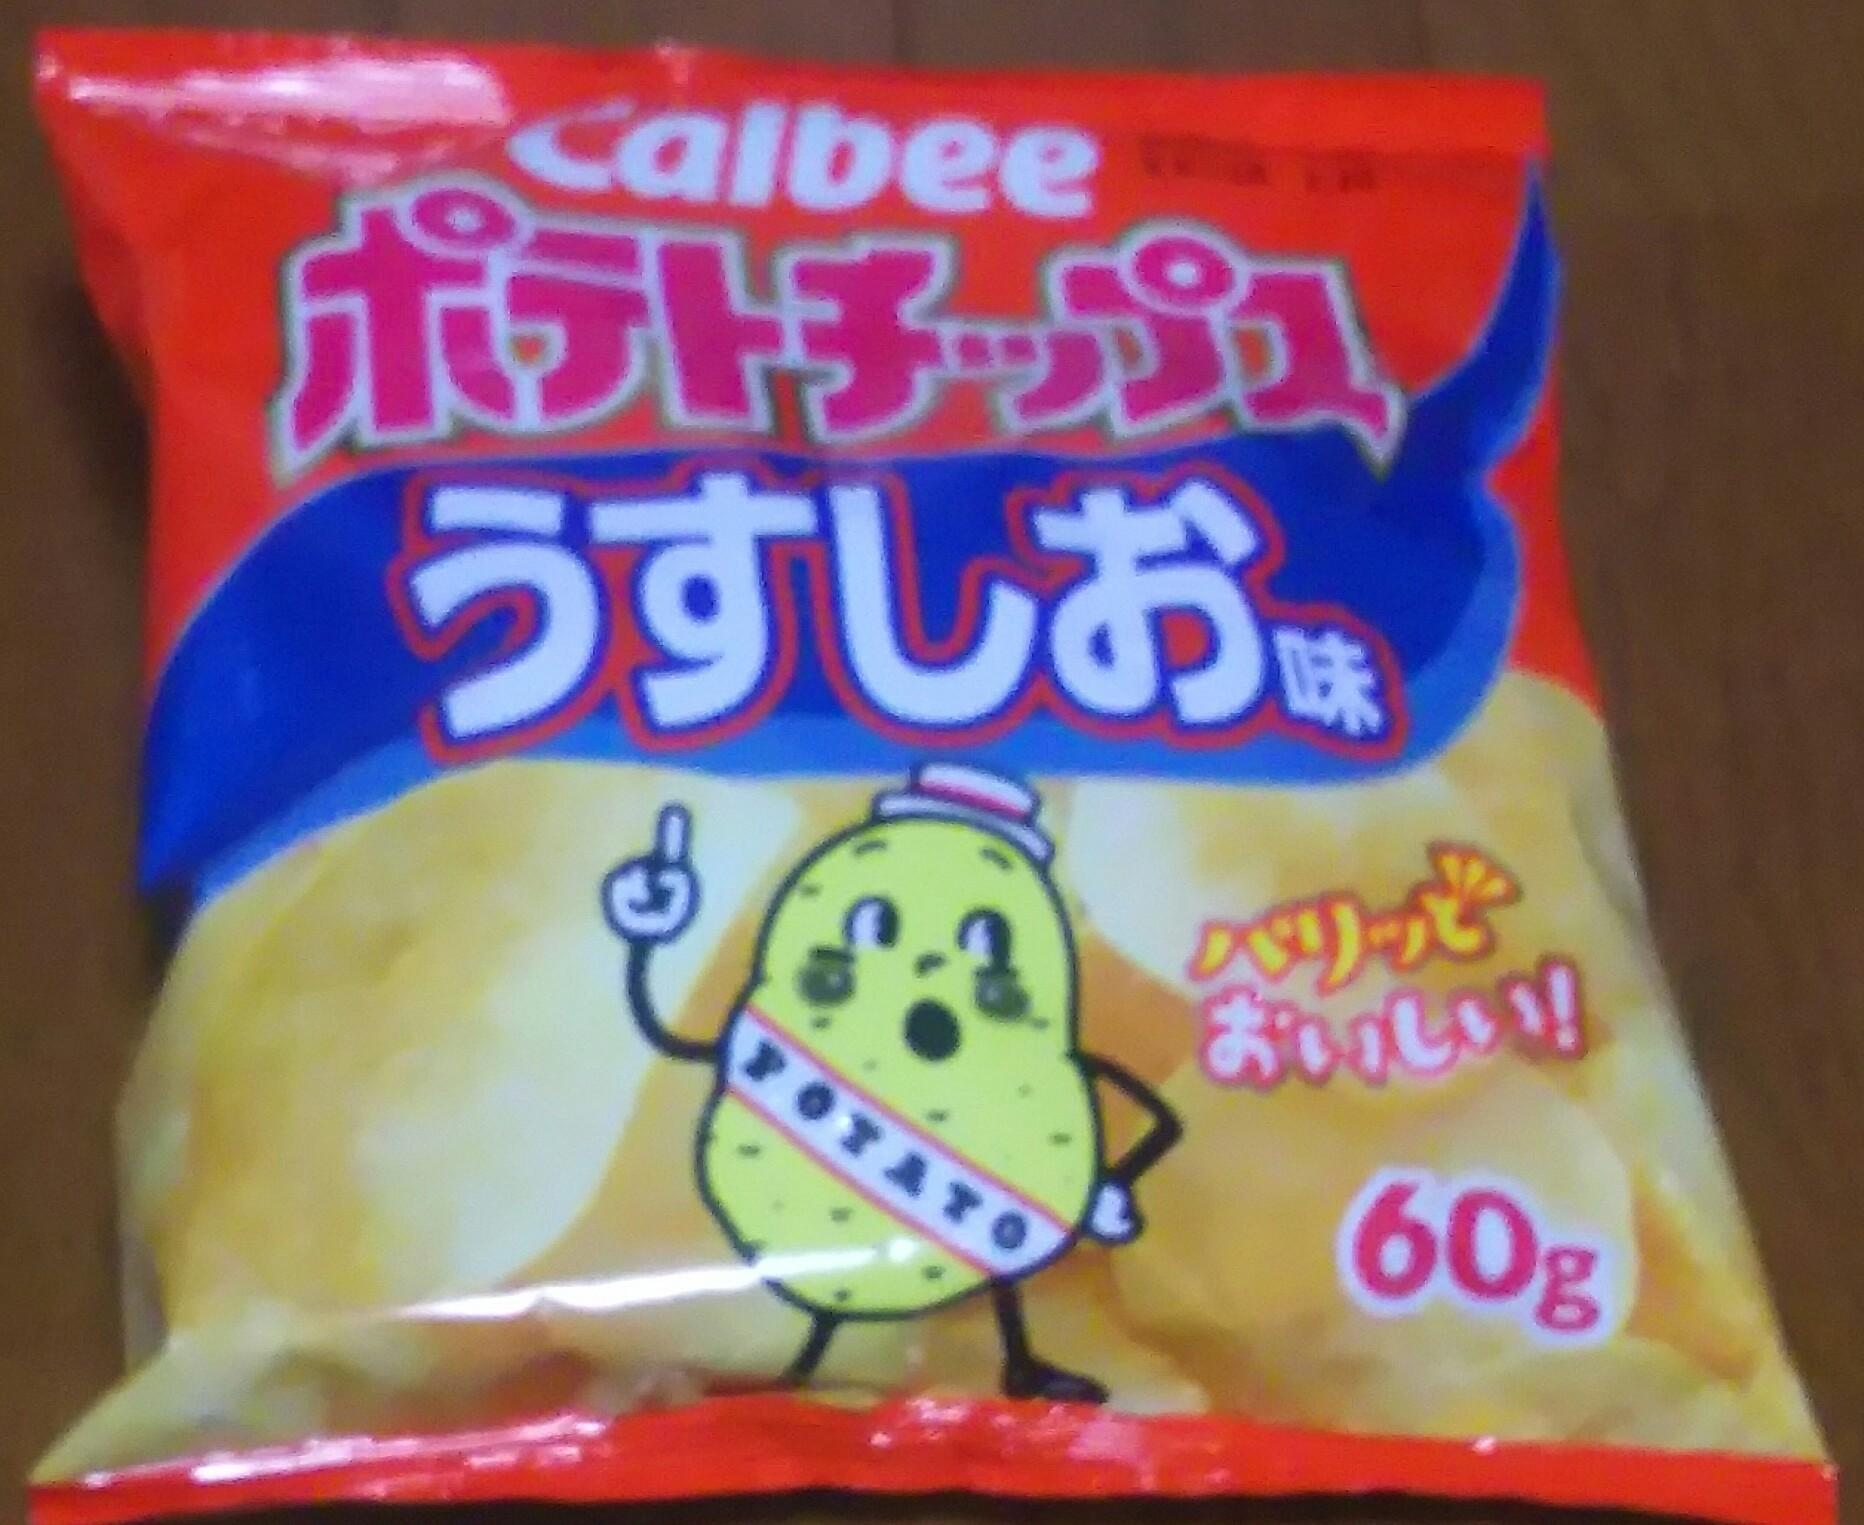 ポテトチップス うすしお味(カルビー)感想・レビュー